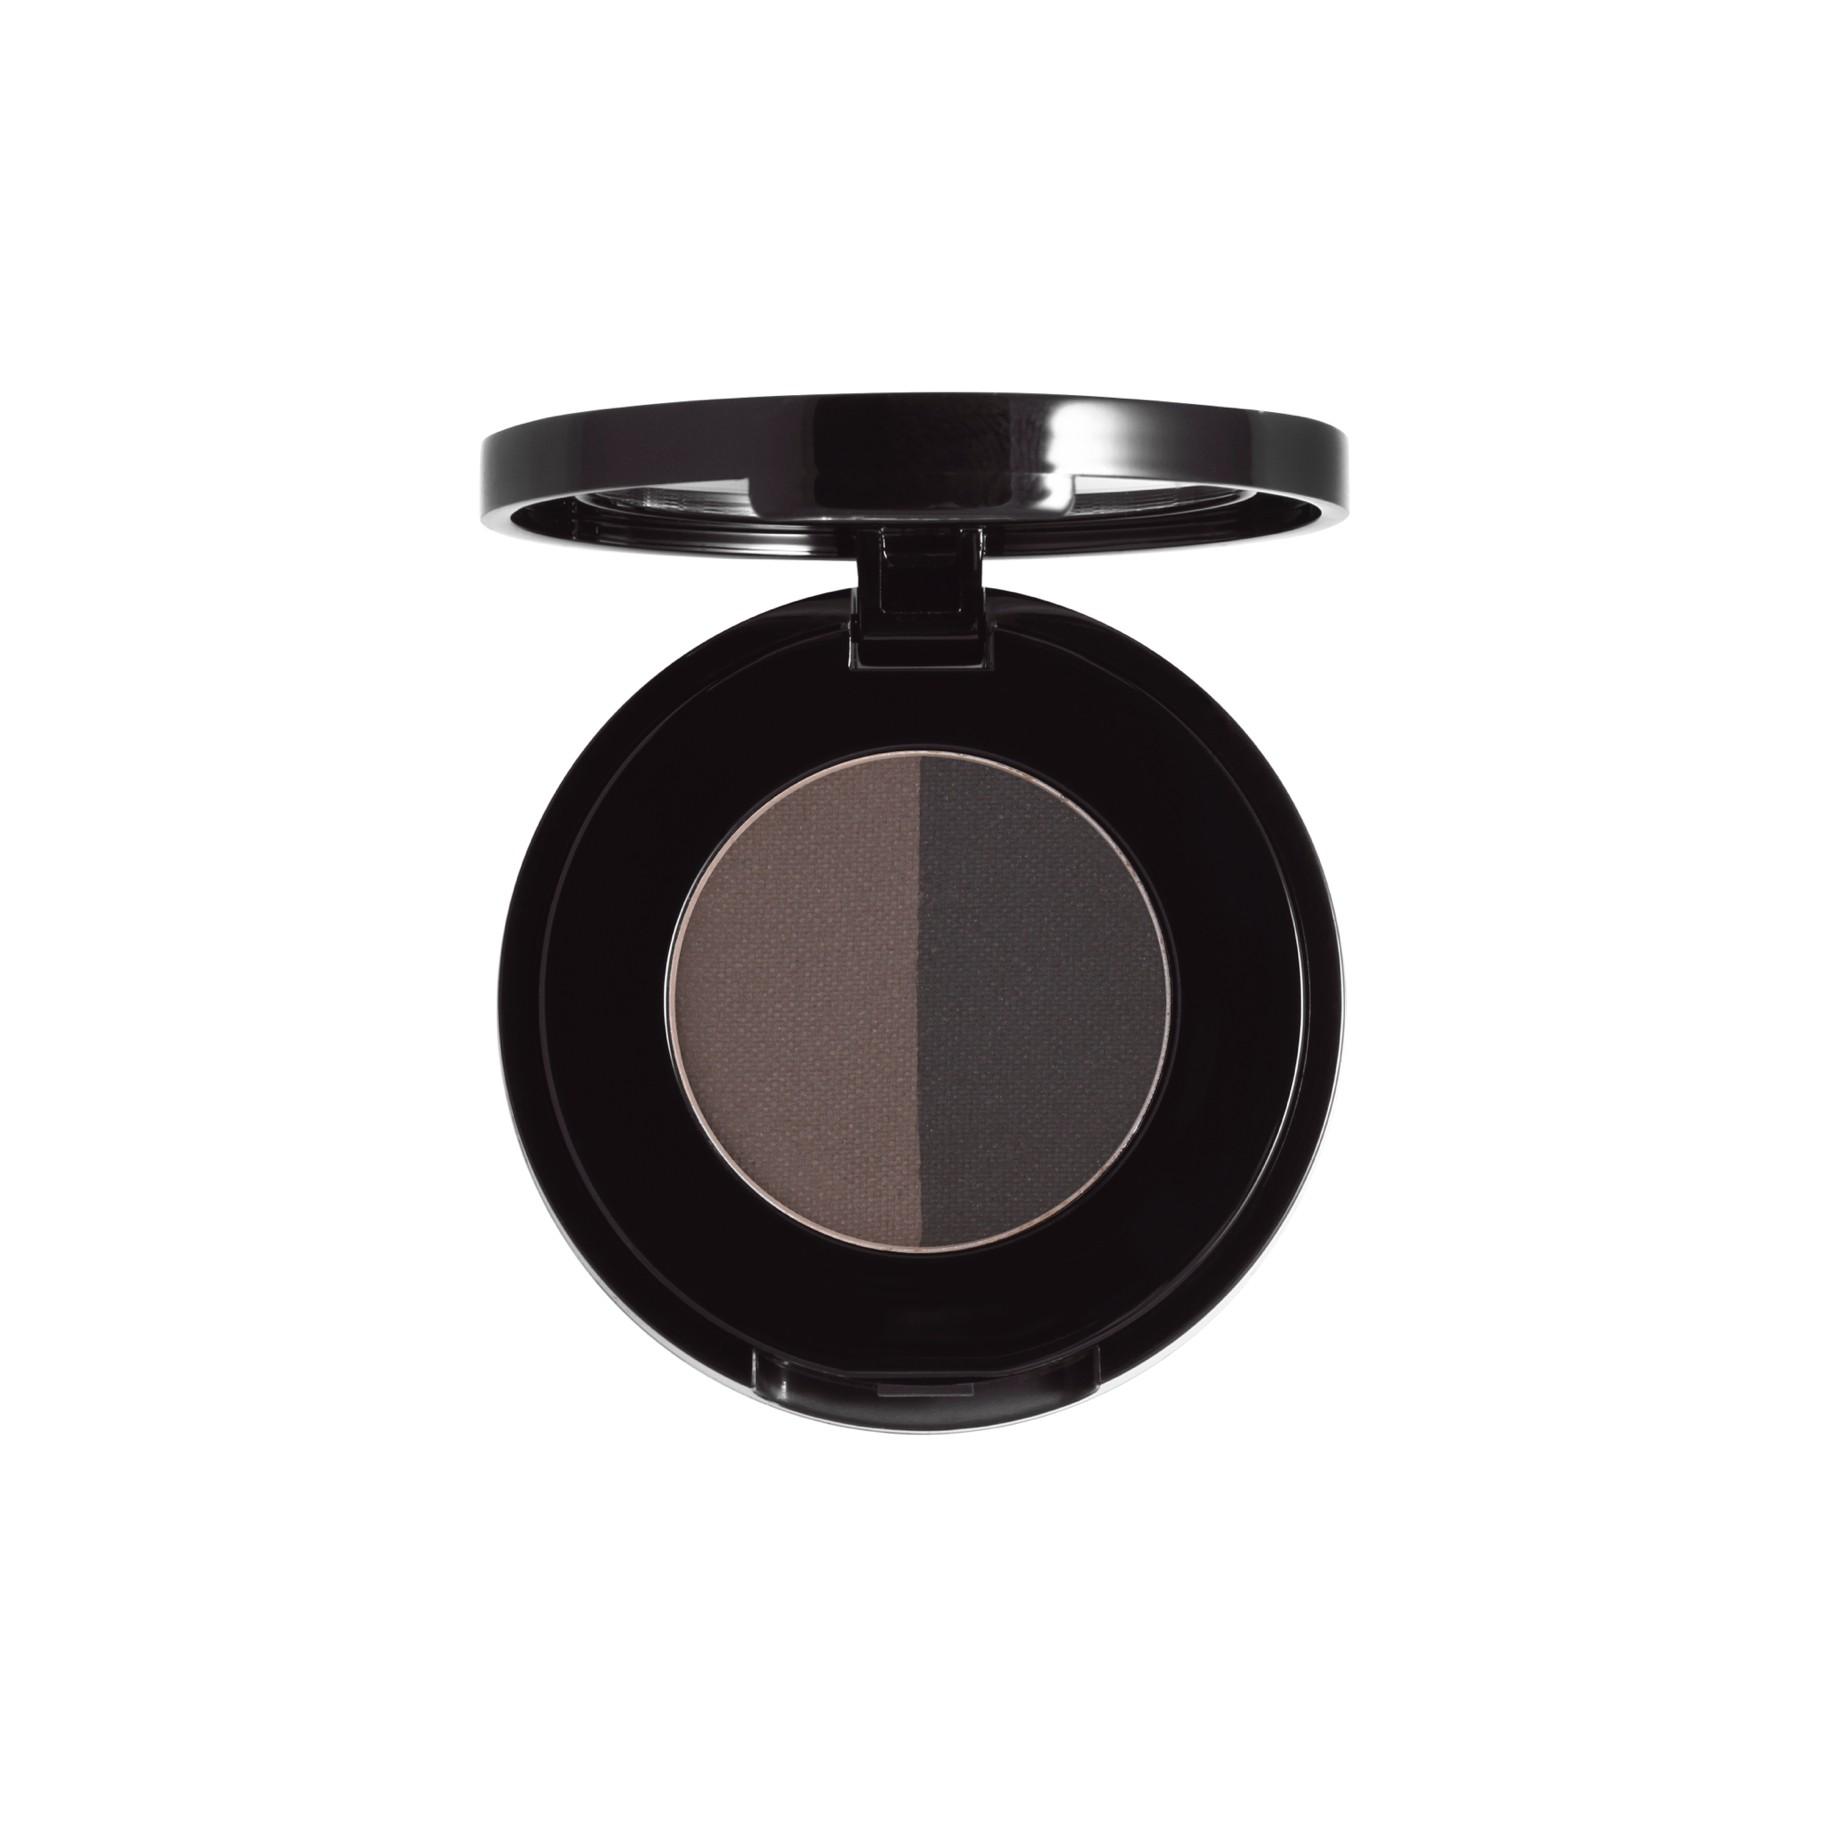 ANASTASIA BEVERLY HILLS Тени двойные для бровей Granite / Brow Powder Duo 1,60грТени<br>Создайте эффект красивых и натуральных бровей с бестселлером Brow Powder Duo. Легкие и практически невесомые, они разработаны специально для создания естественных оттенков и идеальной формы. Активные ингредиенты: TALC, BORON NITRIDE, NYLON-12, ETHYLHEXYL PALMITATE, MAGNESIUM MYRISTATE, ZINC STEARATE, SILICA, METHICONE, SODIUM DEHYDROACETATE, ASCORBYL PALMITATE, TOCOPHEROL, METHYLPARABEN, PROPYLPARABEN, BUTYLPARABEN, MAY CONTAIN/PEUT CONTENIR: IRON OXIDES (CI 77499, CI 77492, CI 77491), TITANIUM DIOXIDE (CI 77891), ULTRAMARINES (CI 77007) &amp;lt;8902R1&amp;gt;. Способ применения: нанесите продукт двухсторонней кистью  10 или мини-кистью  7 короткими штрихами вдоль линиии роста волос. Темный оттенок - на кончик бровей, а светлый - ближе к переносице. Растушуйте до получения равномерного перехода.<br>